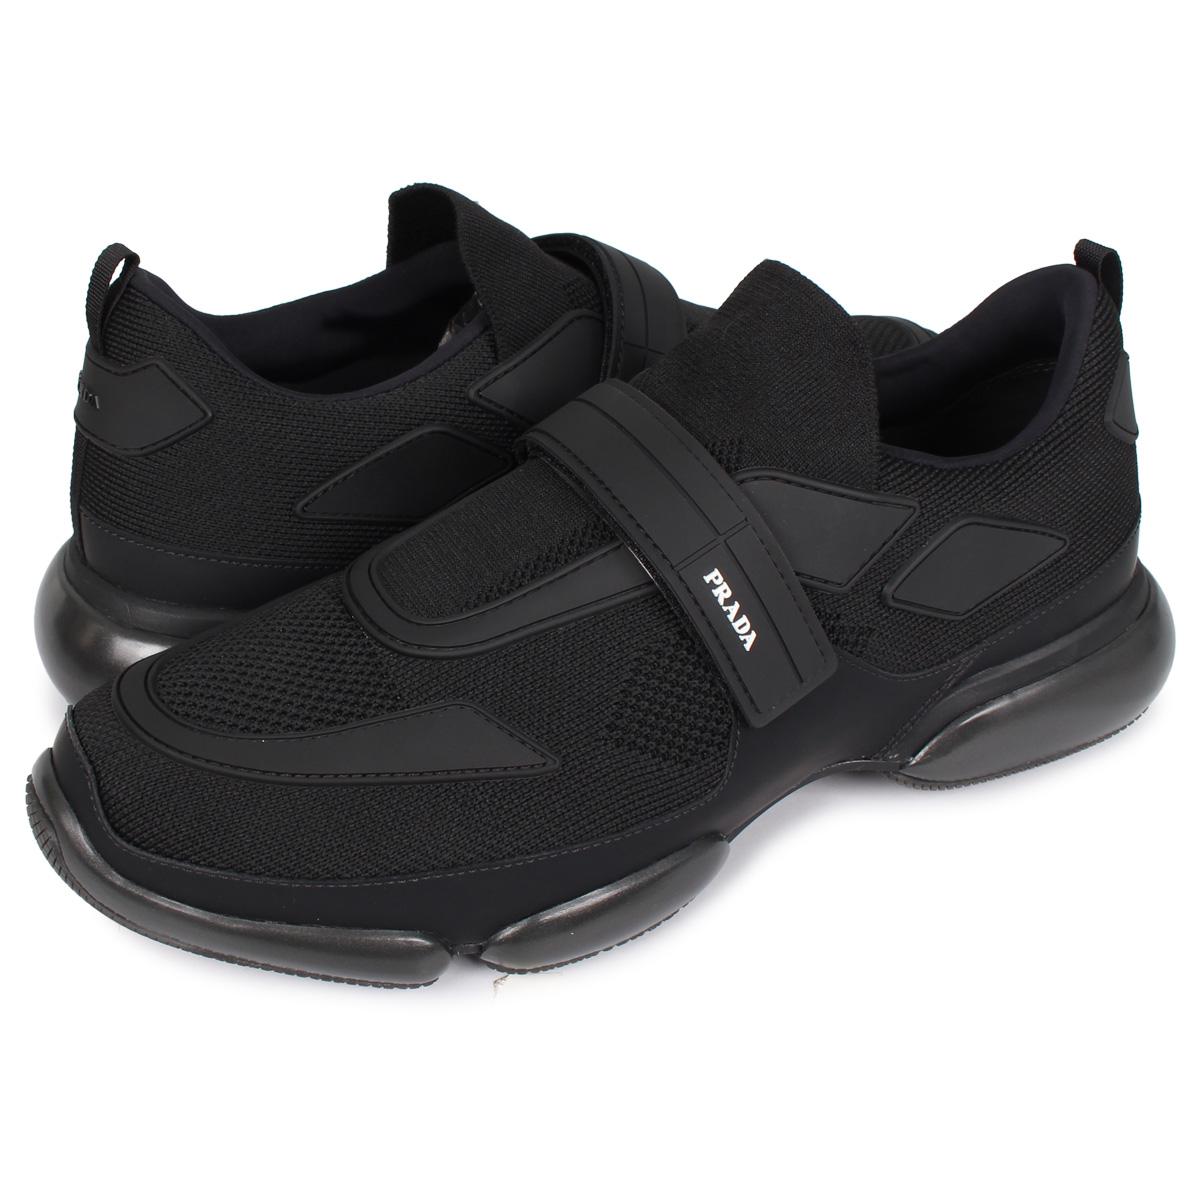 【最大2000円OFFクーポン】 PRADA CLOUD BUST CARRY OVER プラダ クラウドバスト スニーカー メンズ ブラック 黒 2OG064